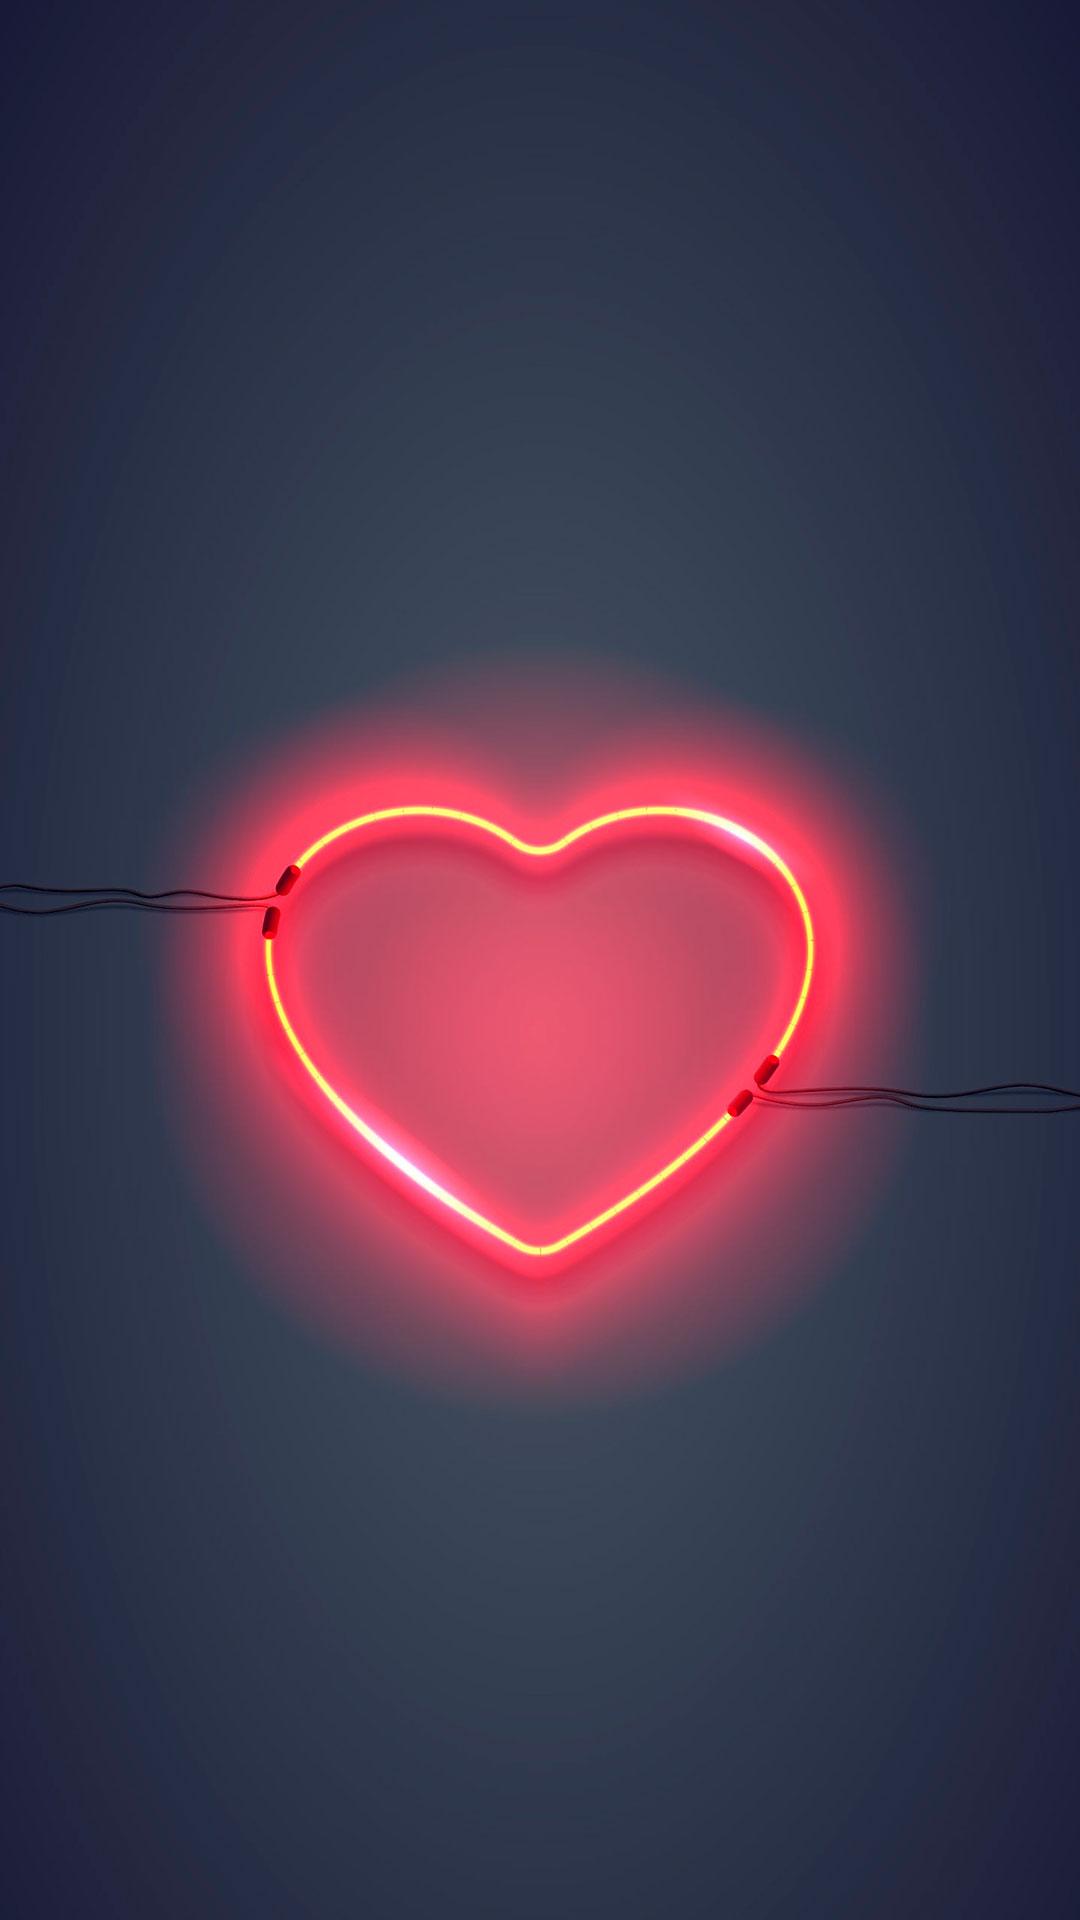 iPhone wallpaper neon sign heart Neon Sign